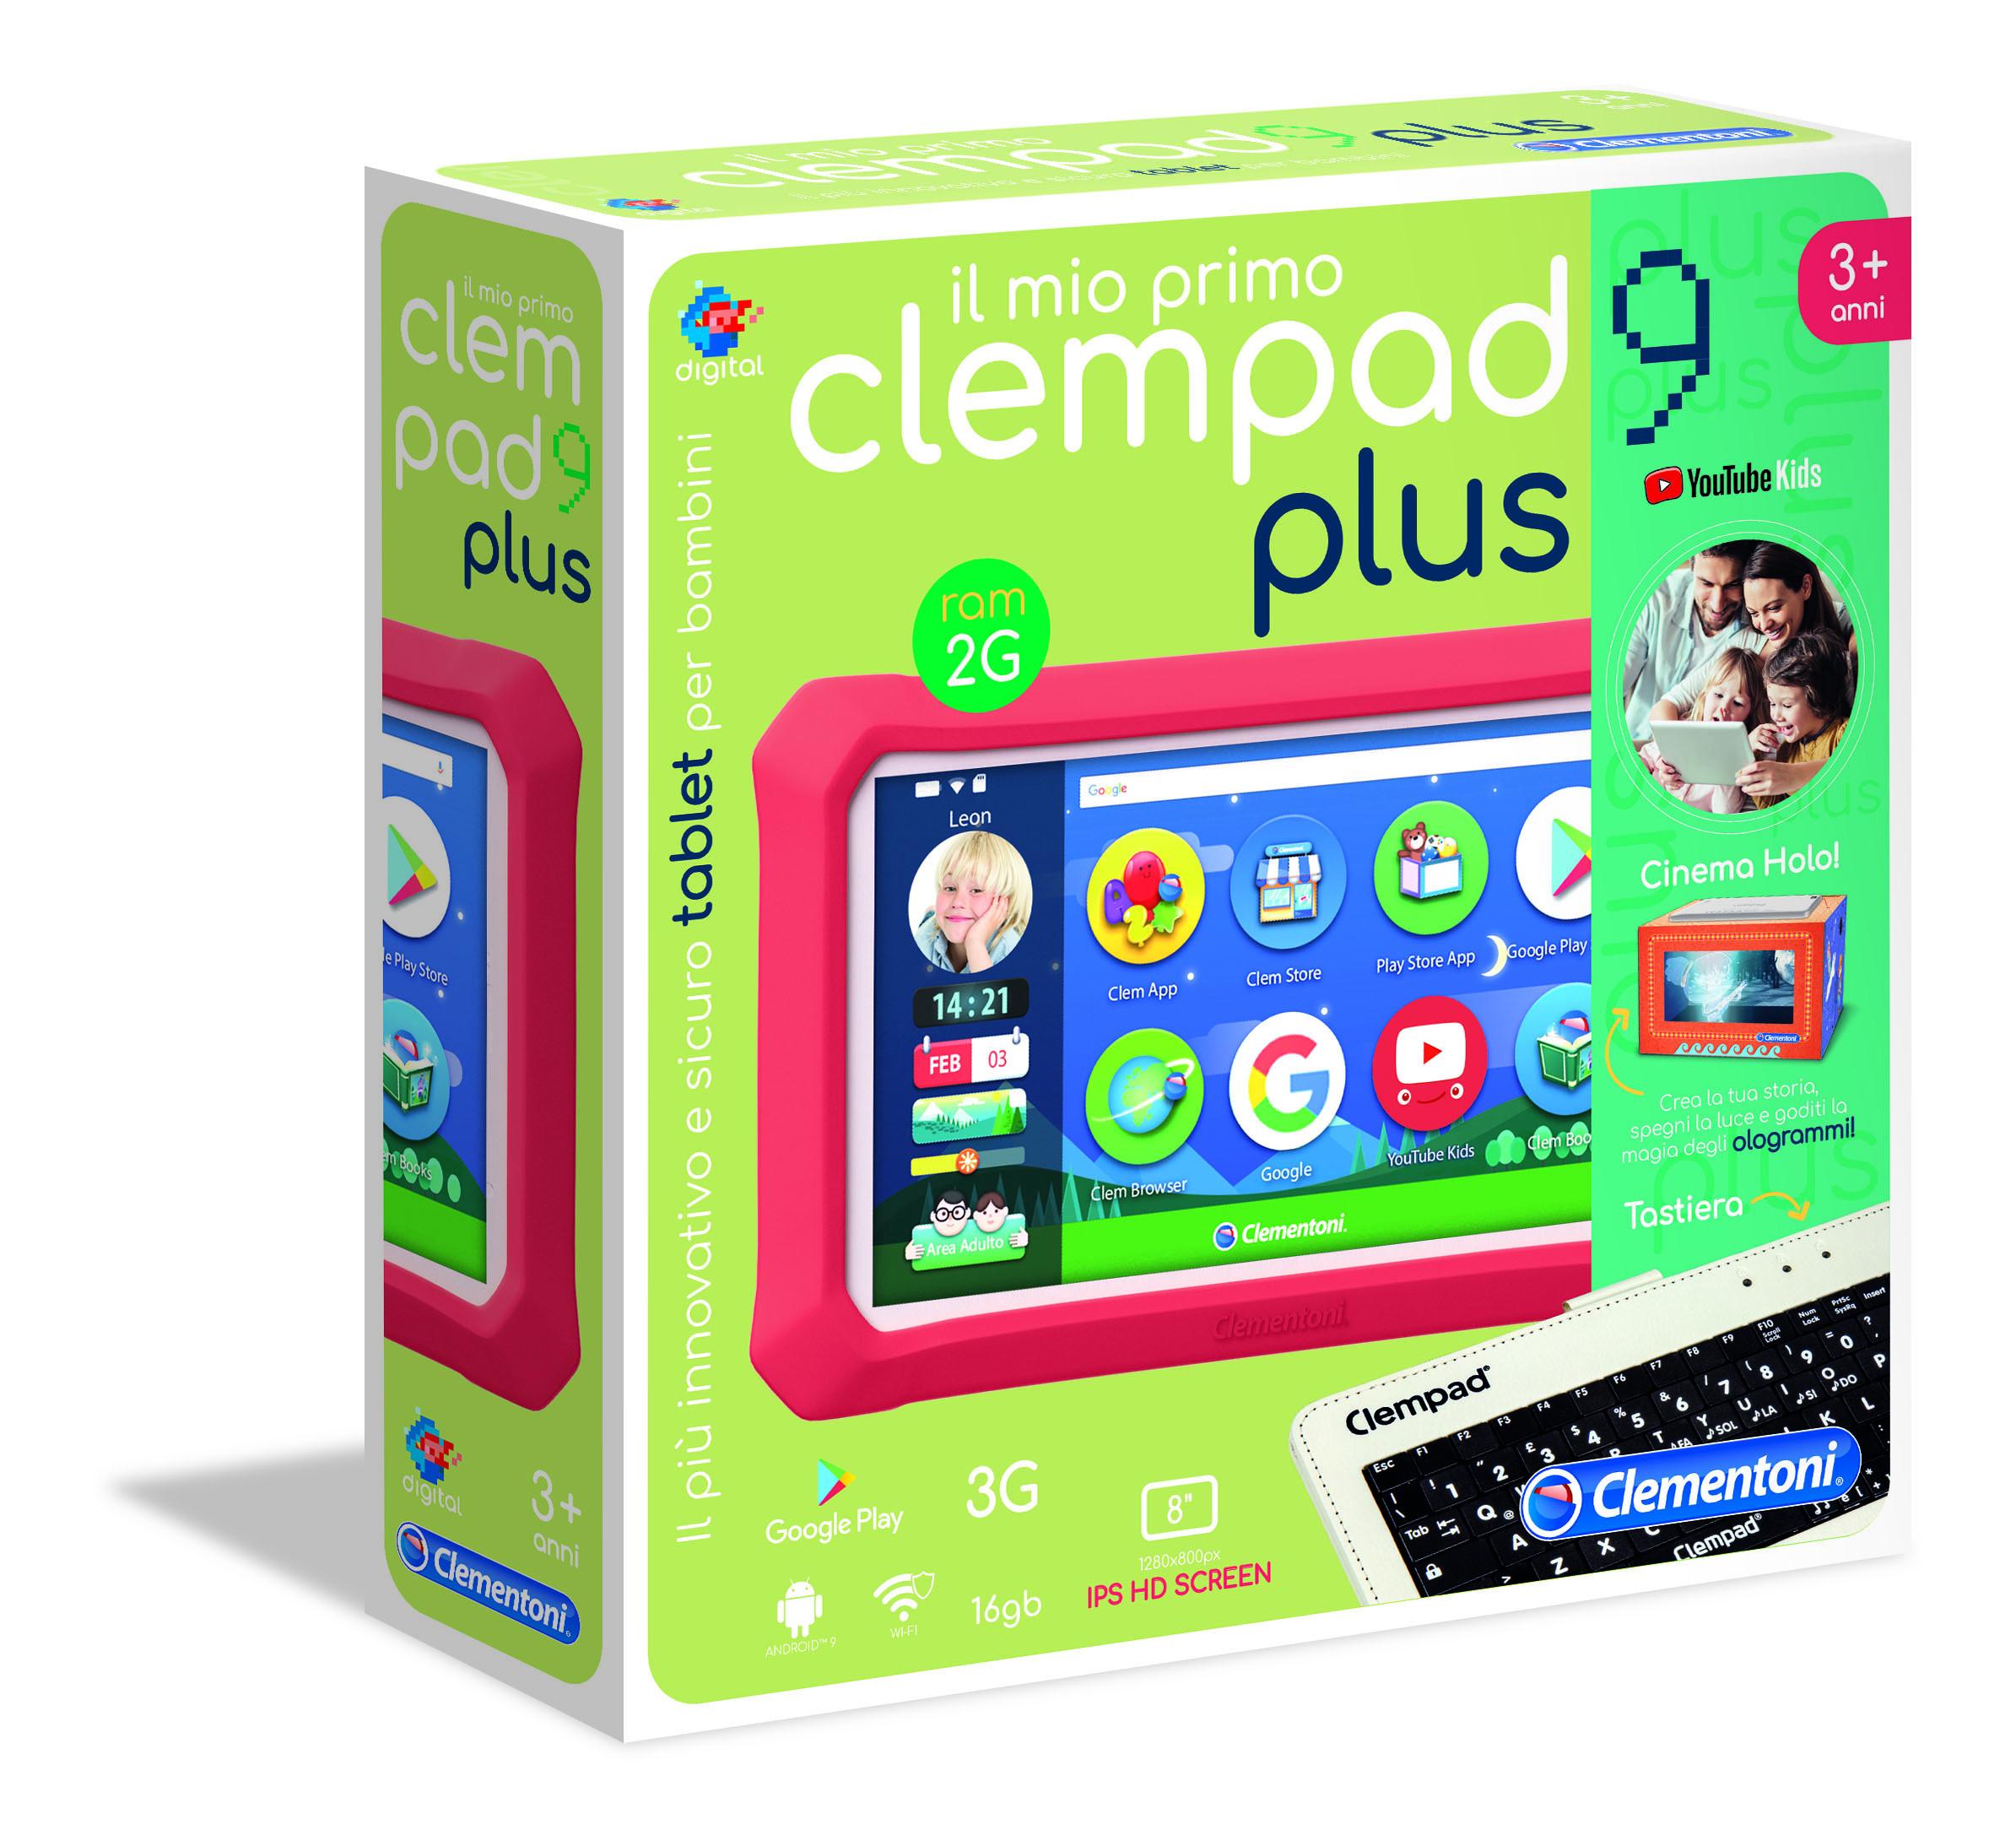 Il mio Primo Clempad 9.0 Plus